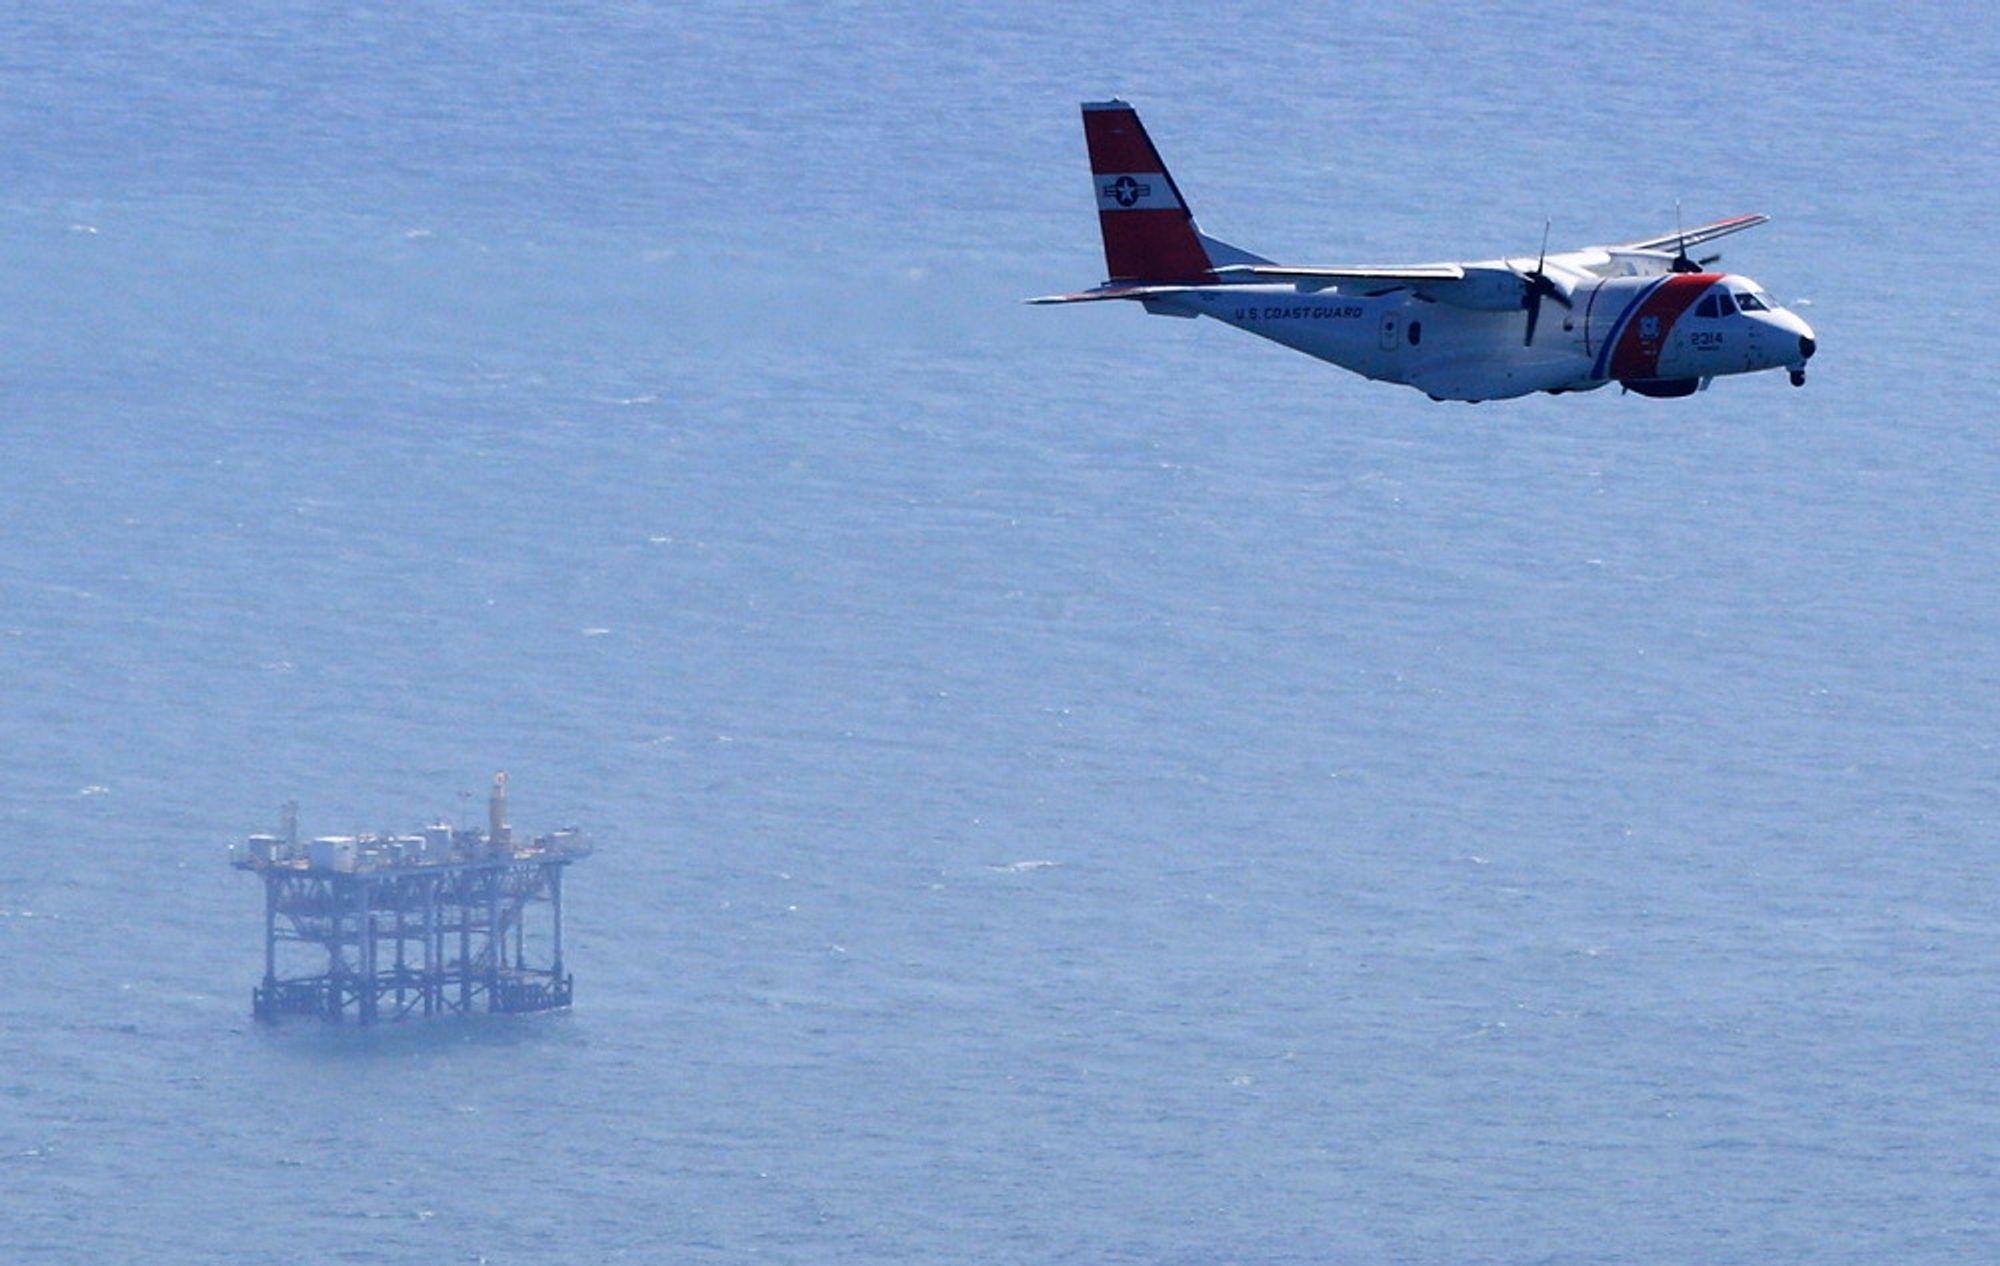 ULYKKESPLATTFORM: Her skjedde eksplosjonen.Et fly fra den amerikanske kystvakten følger med.